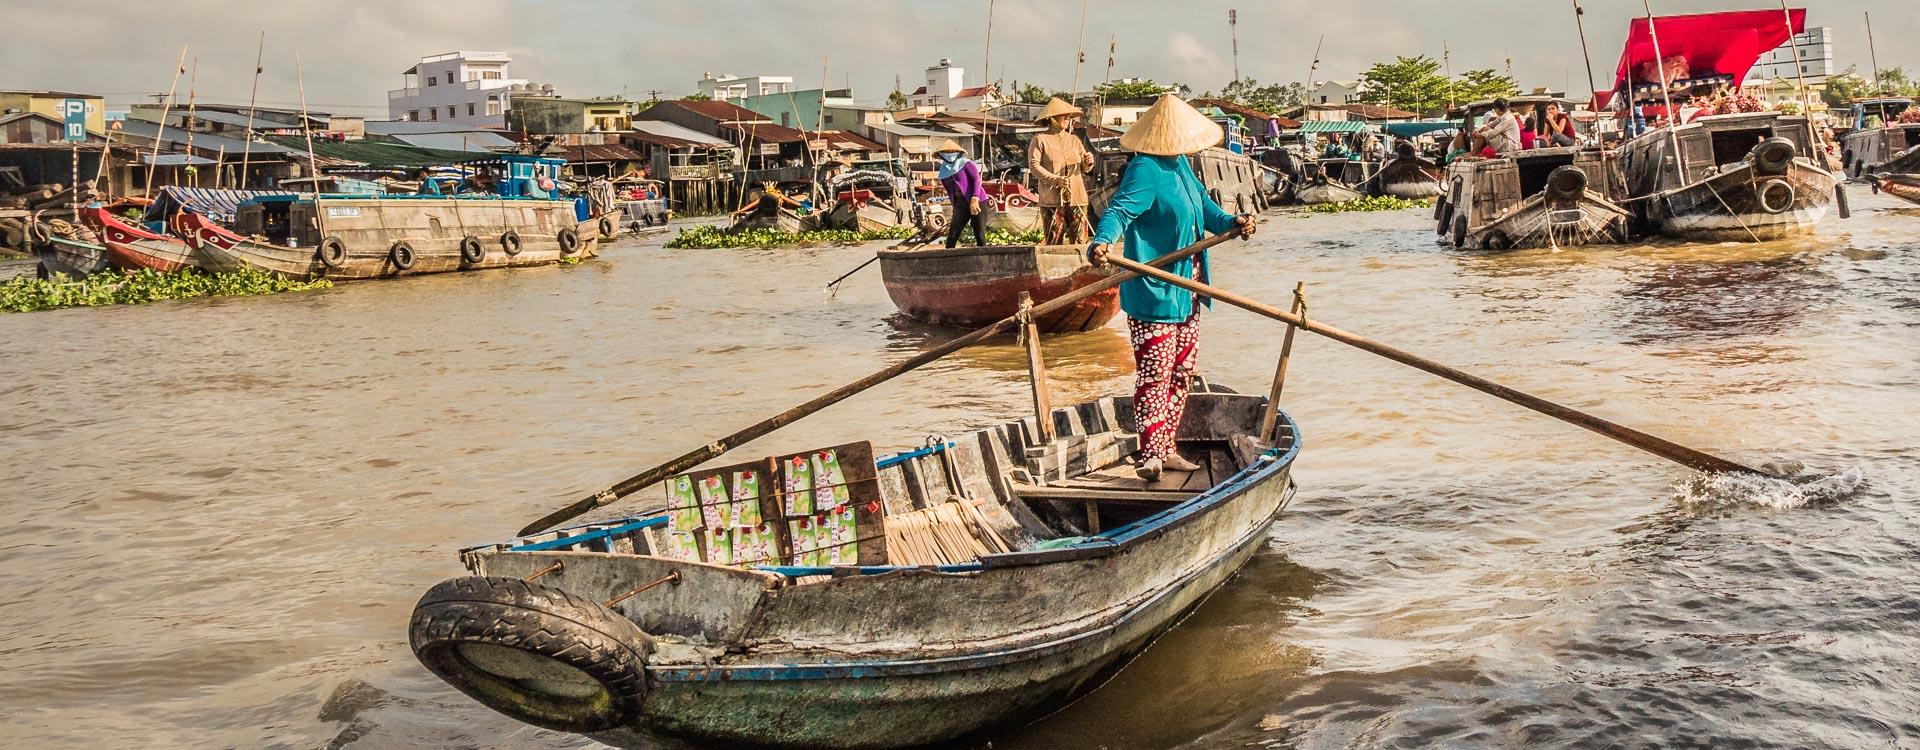 ebike-Tour Vietnam